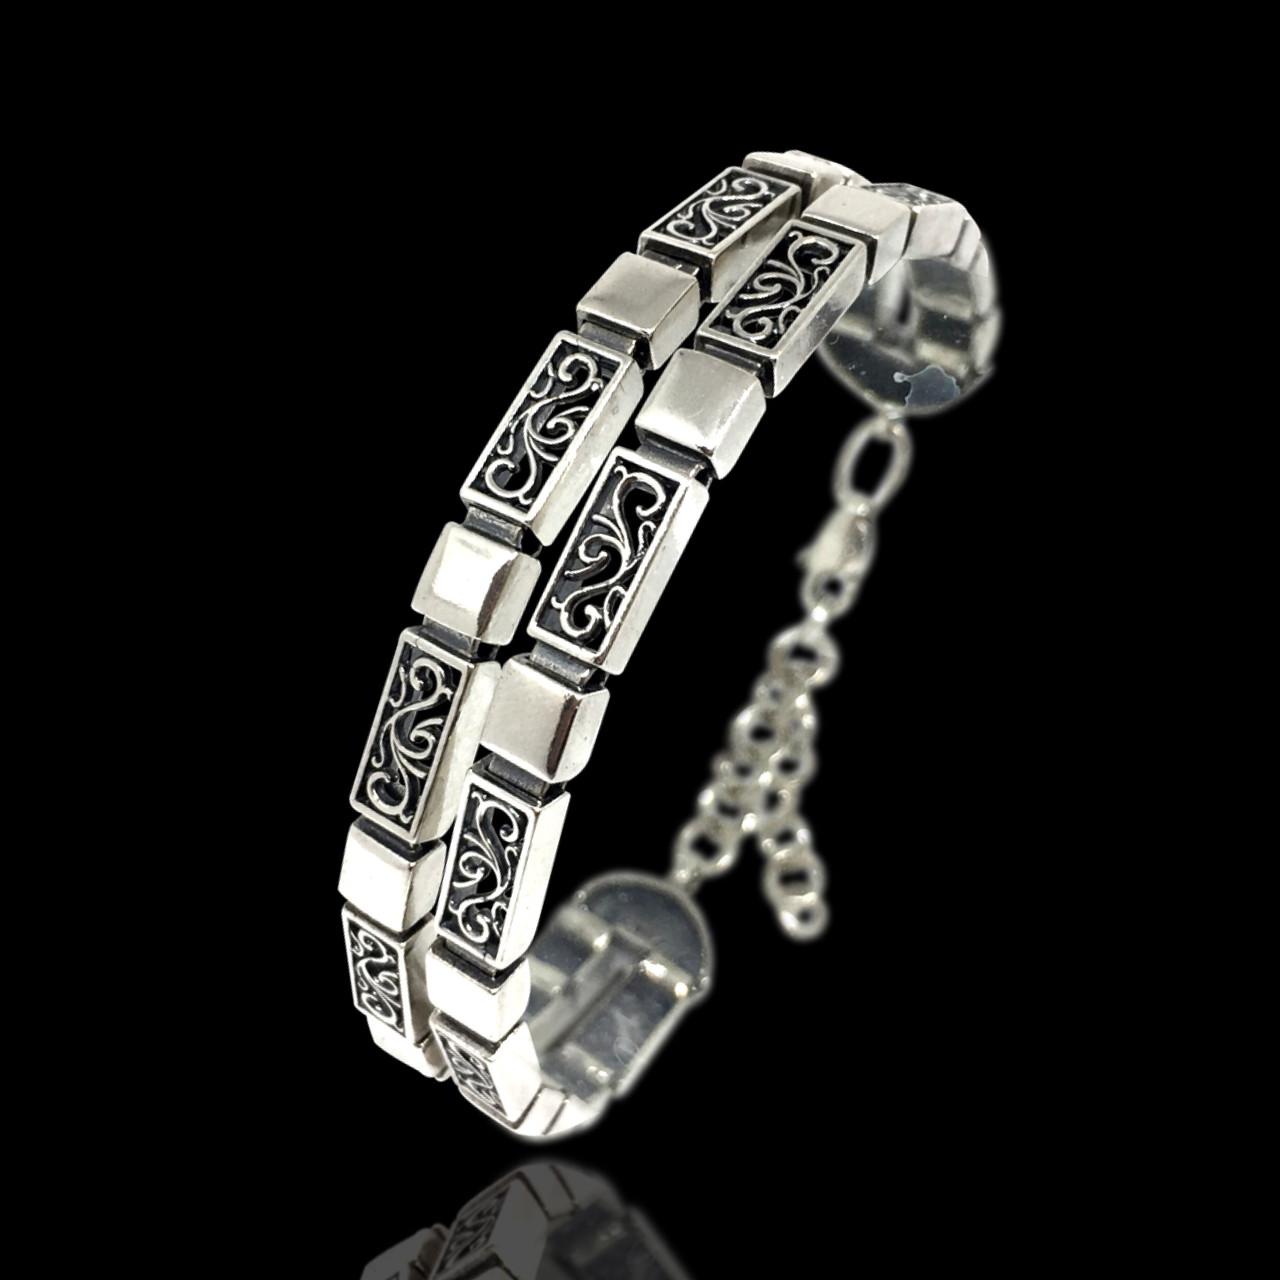 Серебряный регулируемый браслет с орнаментом